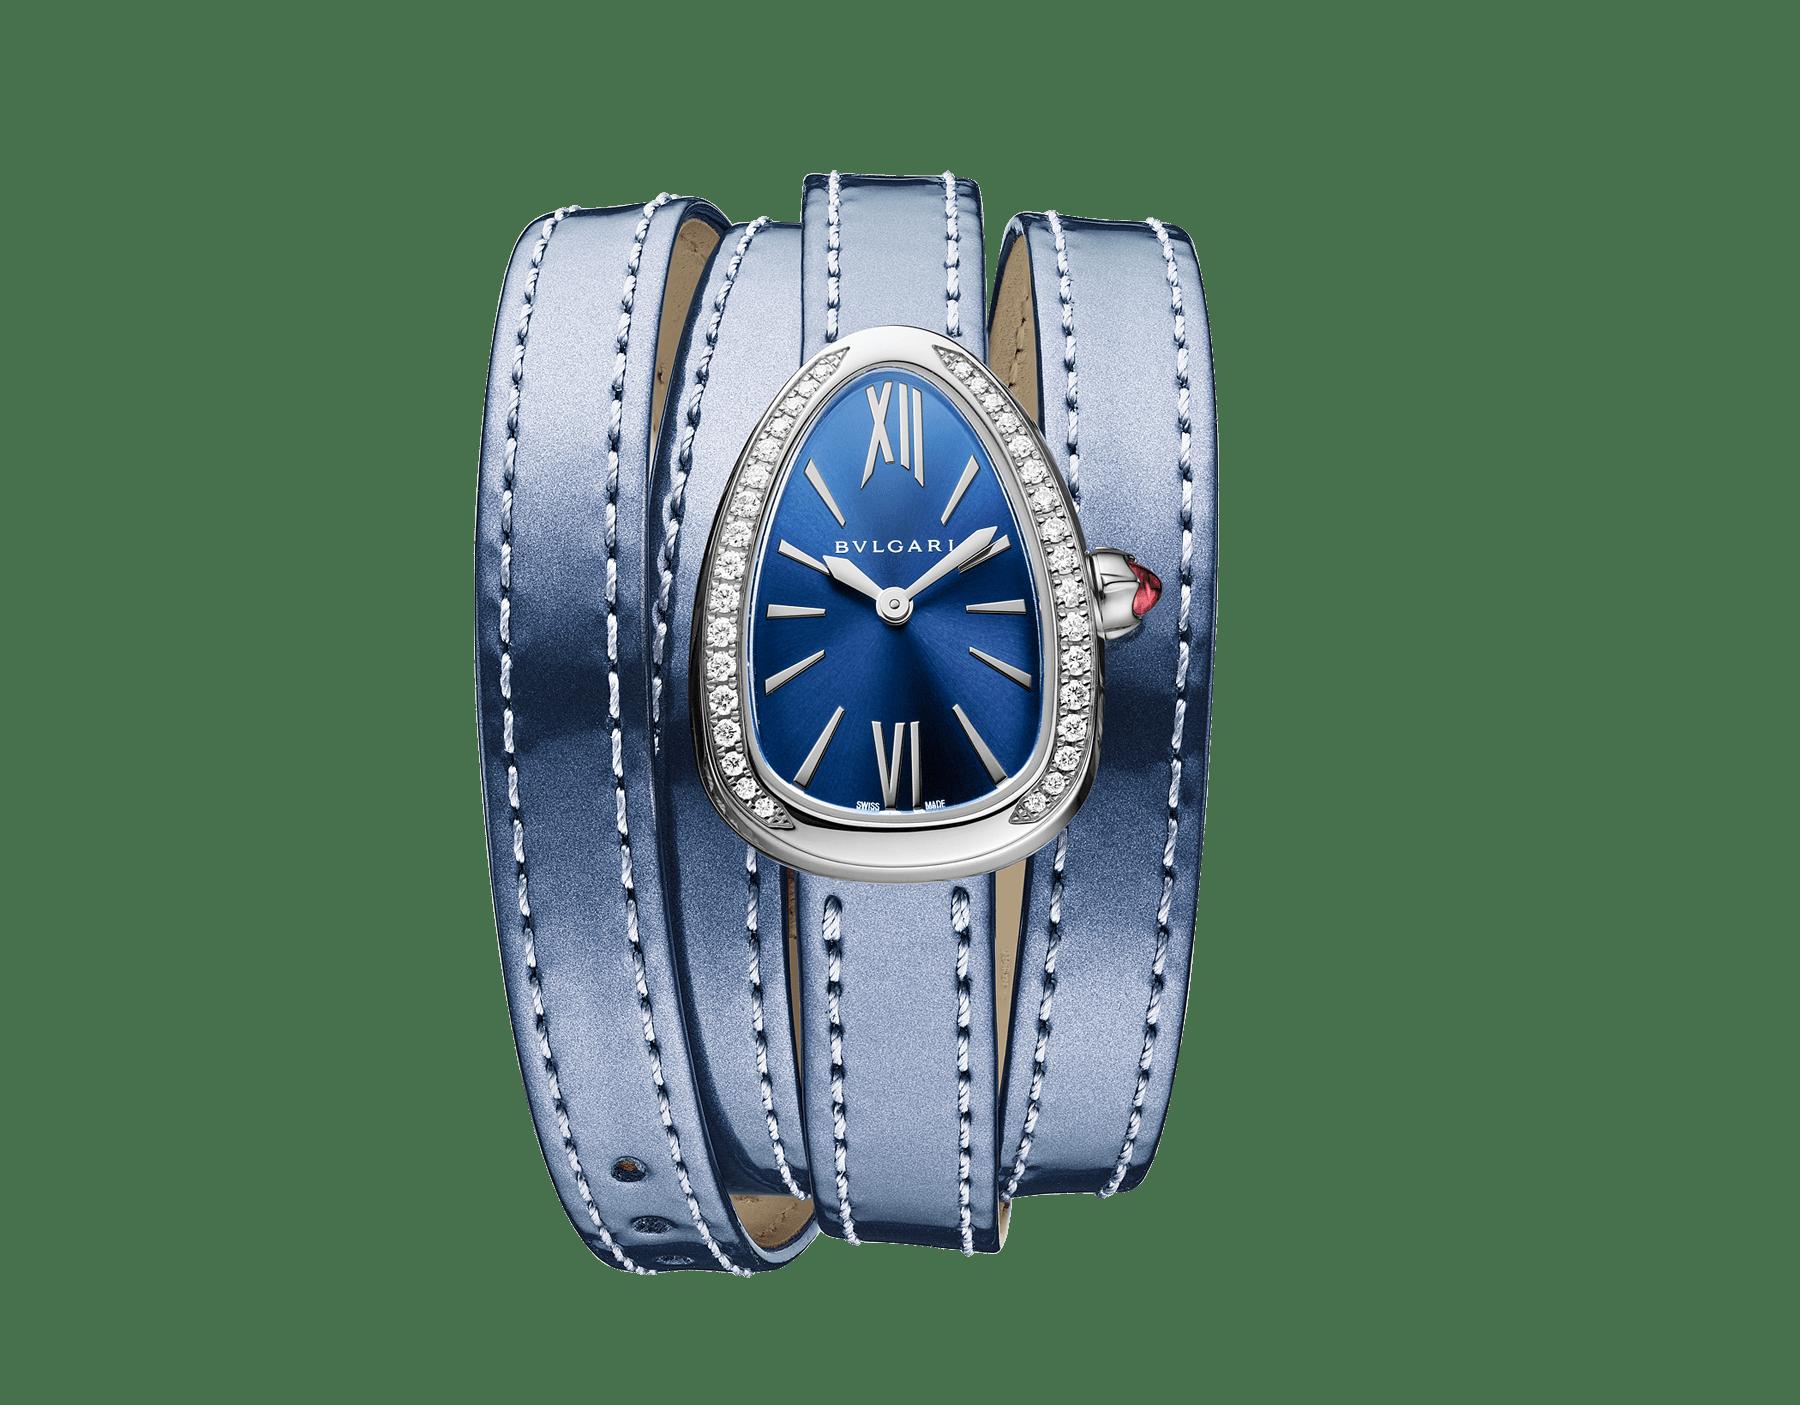 Montre Serpenti avec boîtier en acier inoxydable serti de diamants, cadran laqué bleu et bracelet quadruple spirale interchangeable en cuir de veau aspect métal brossé couleur indigo topaze. 102967 image 1